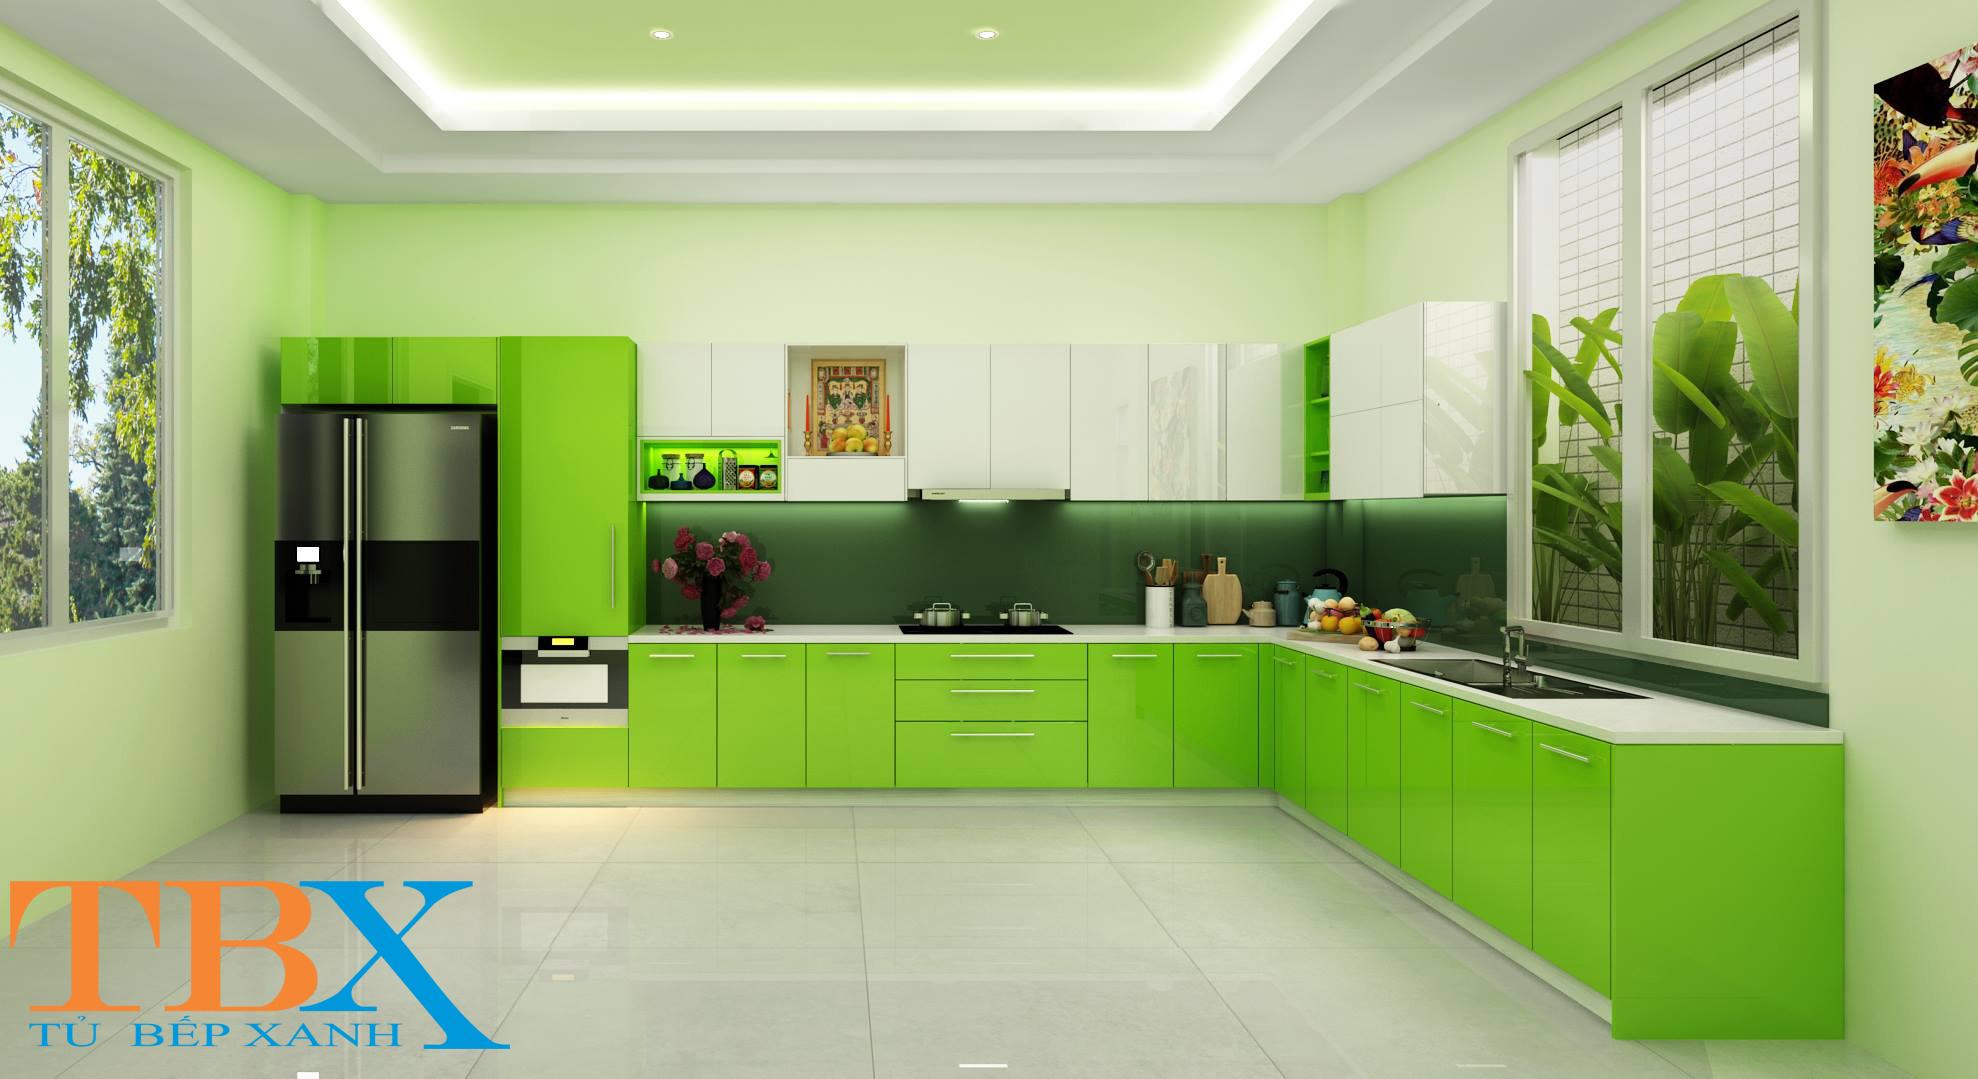 Mẫu tủ bếp Acrylic màu xanh lơ, xanh lá cây TBXA135